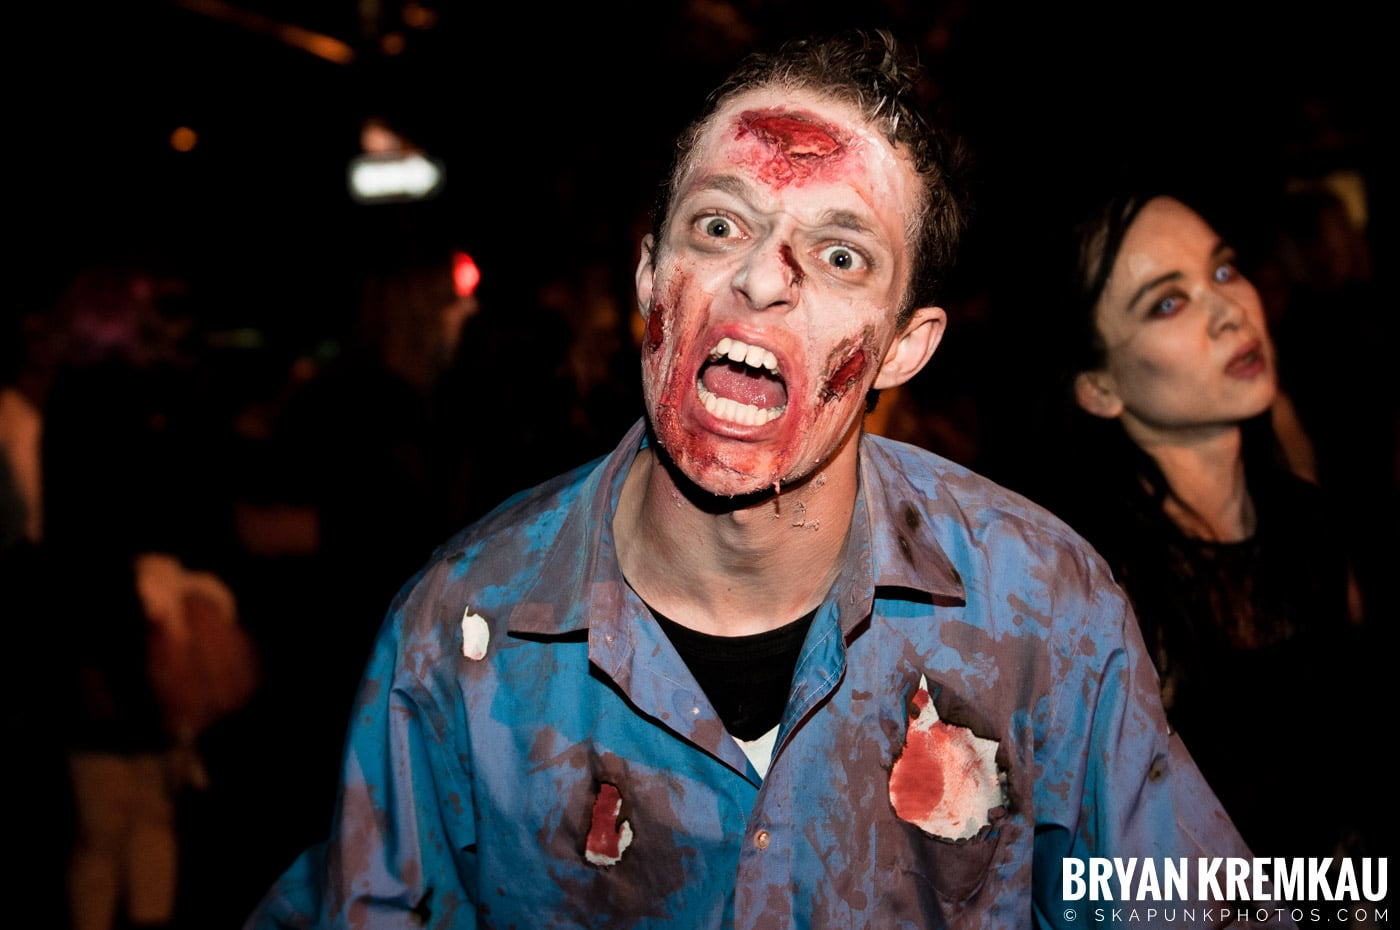 NYC Halloween Parade 2011 @ New York, NY - 10.31.11 (80)